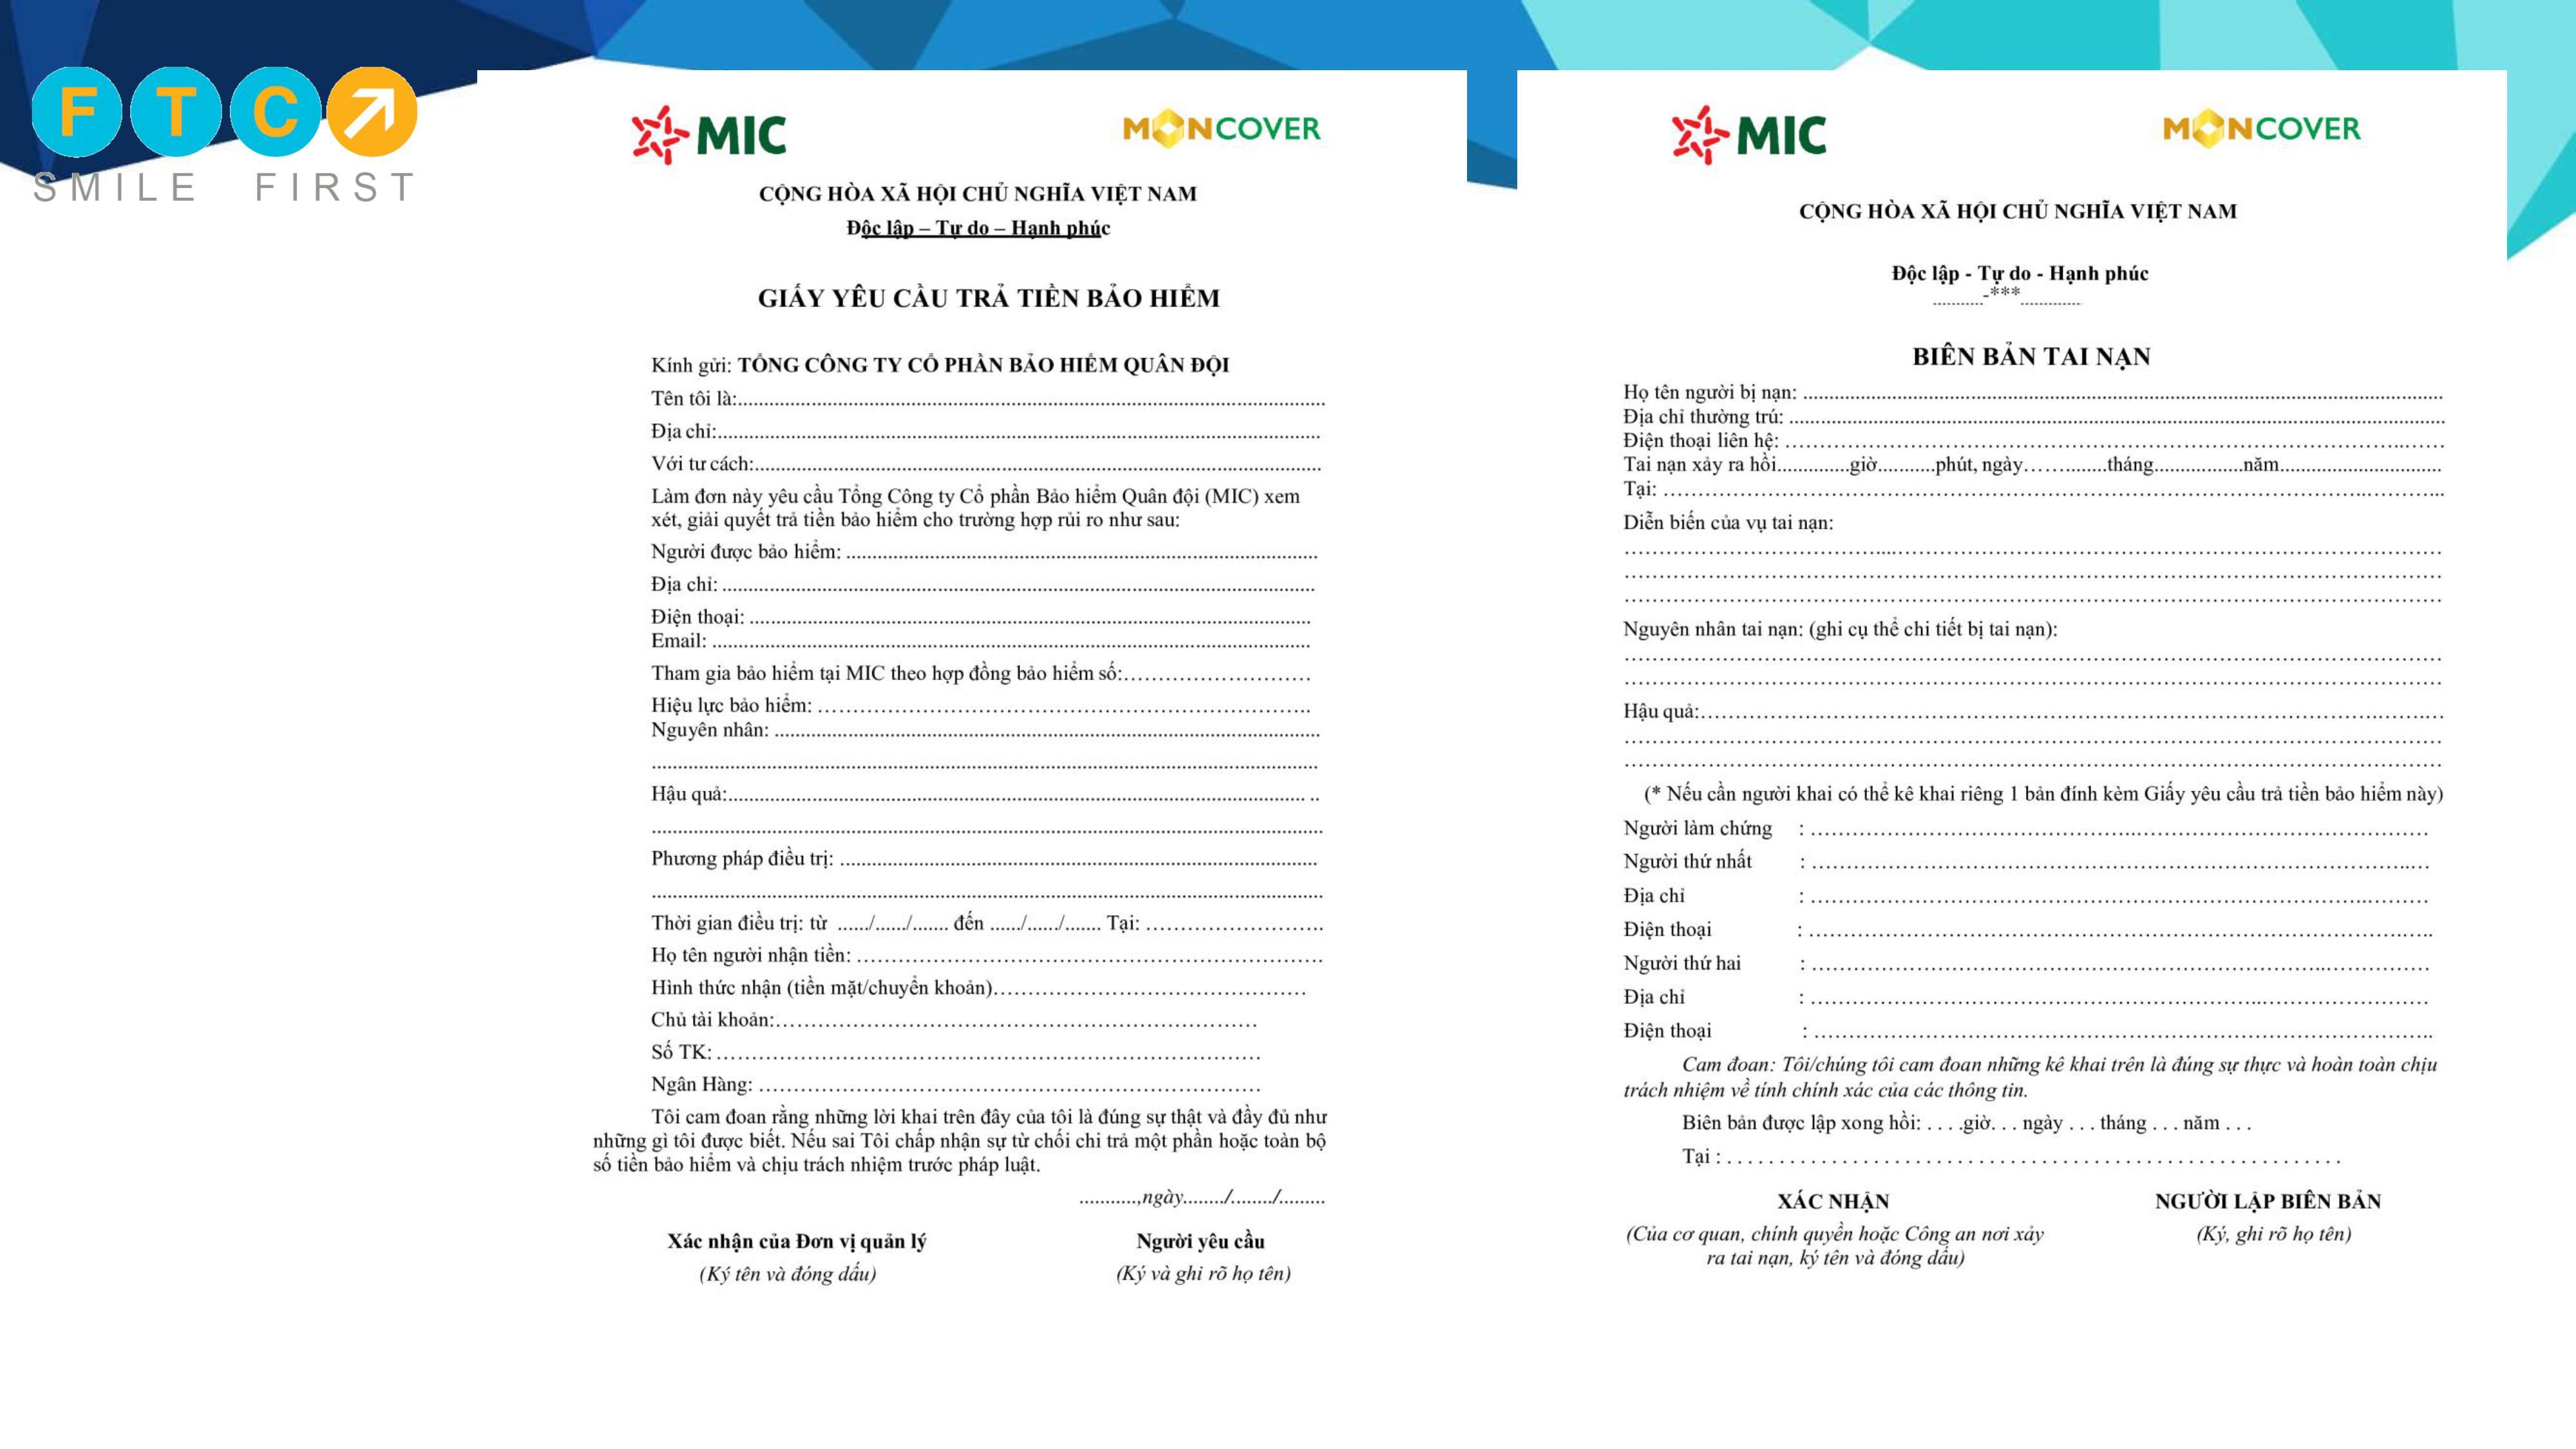 Hướng dẫn hồ sơ bồi thường M_care